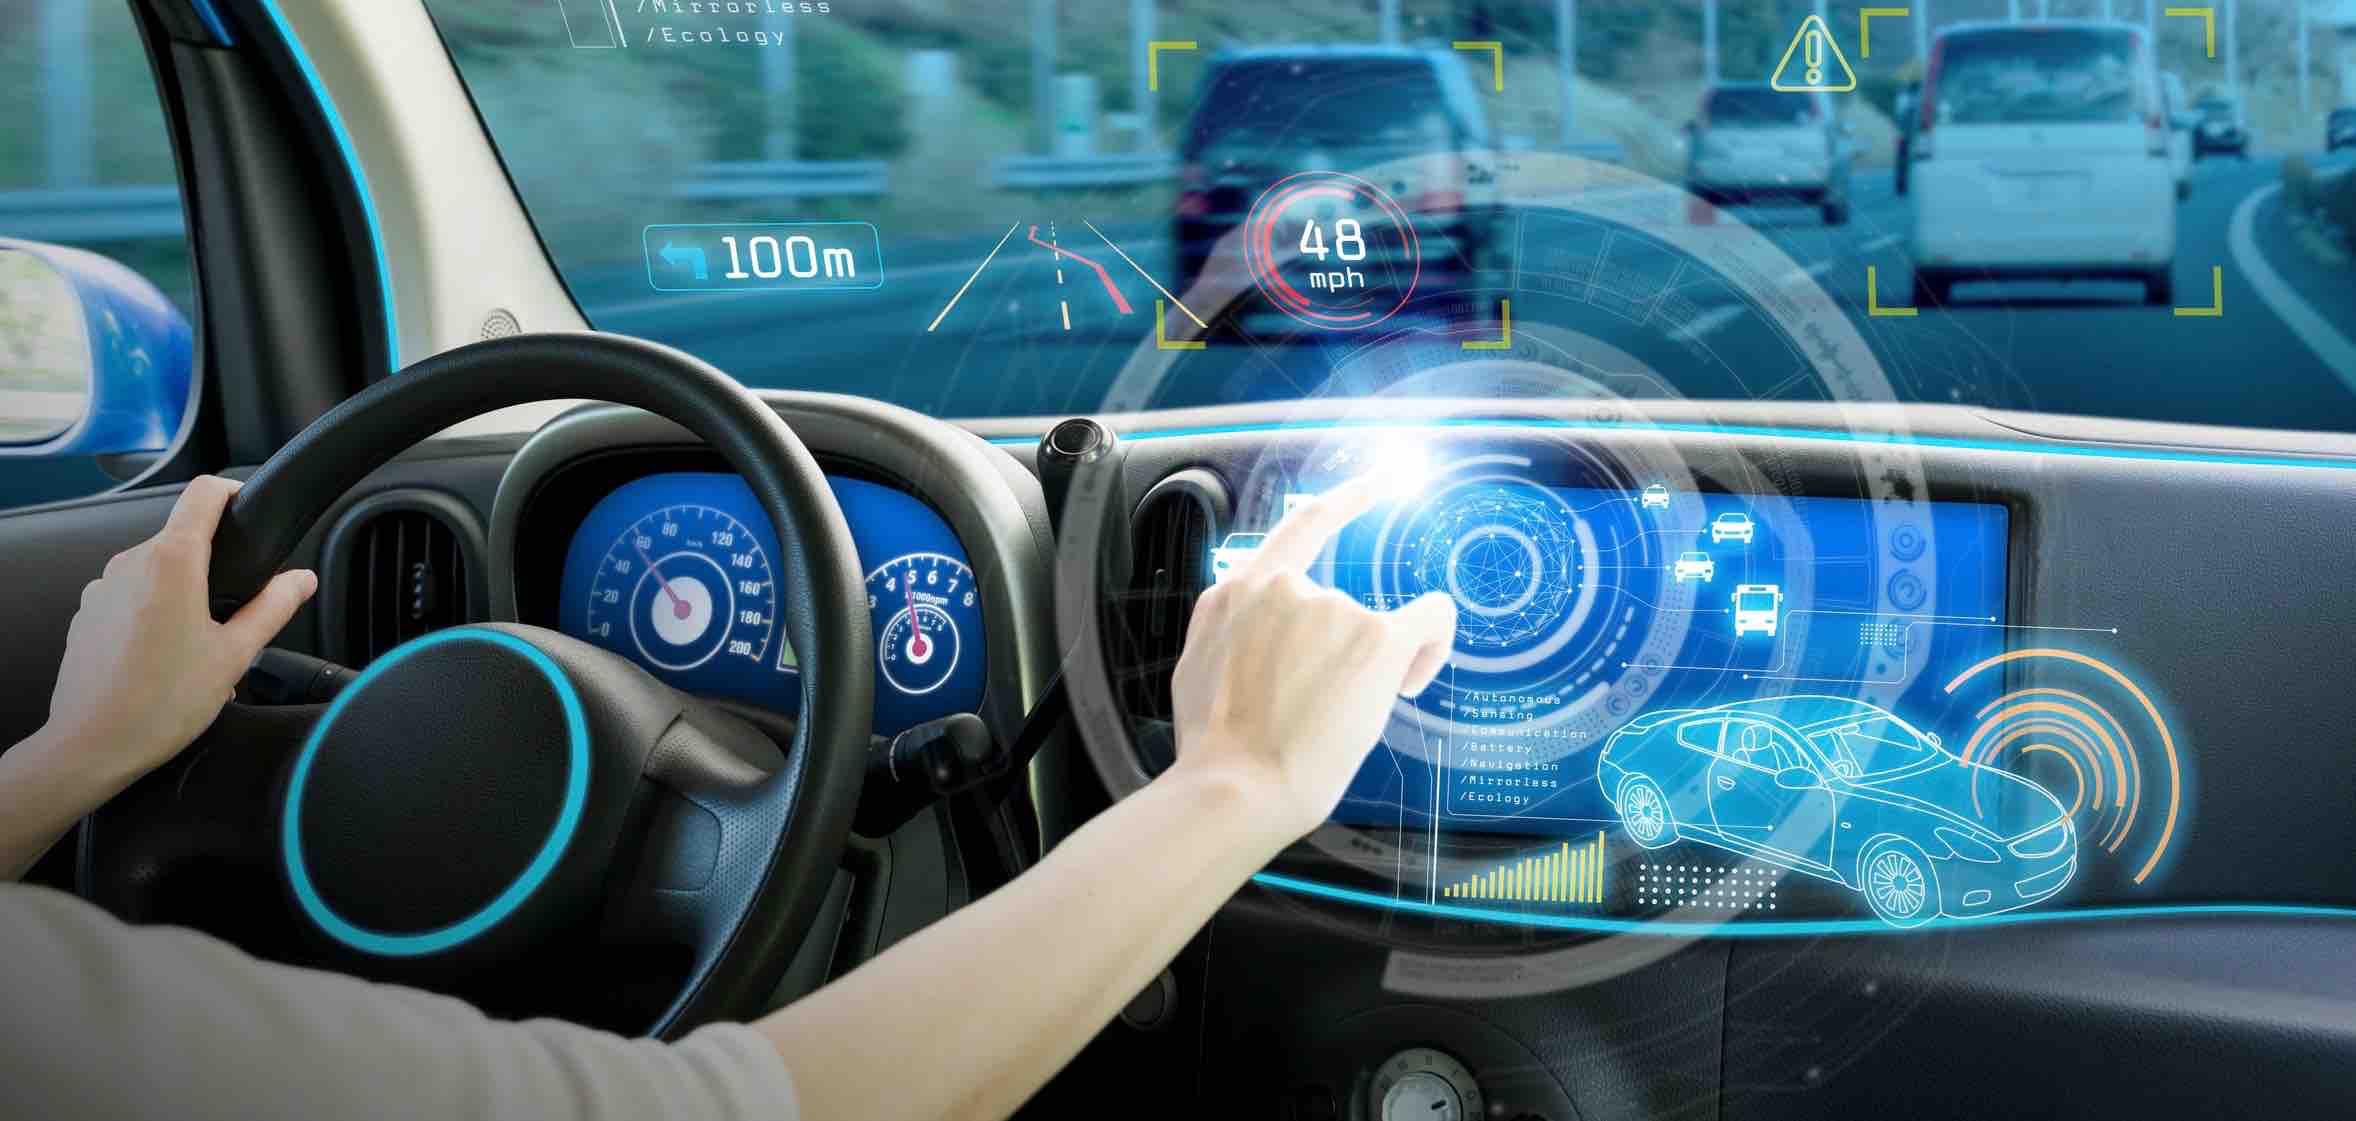 Sicher ist sicher?! Automotive Security im Zeitalter vernetzter Fahrzeuge